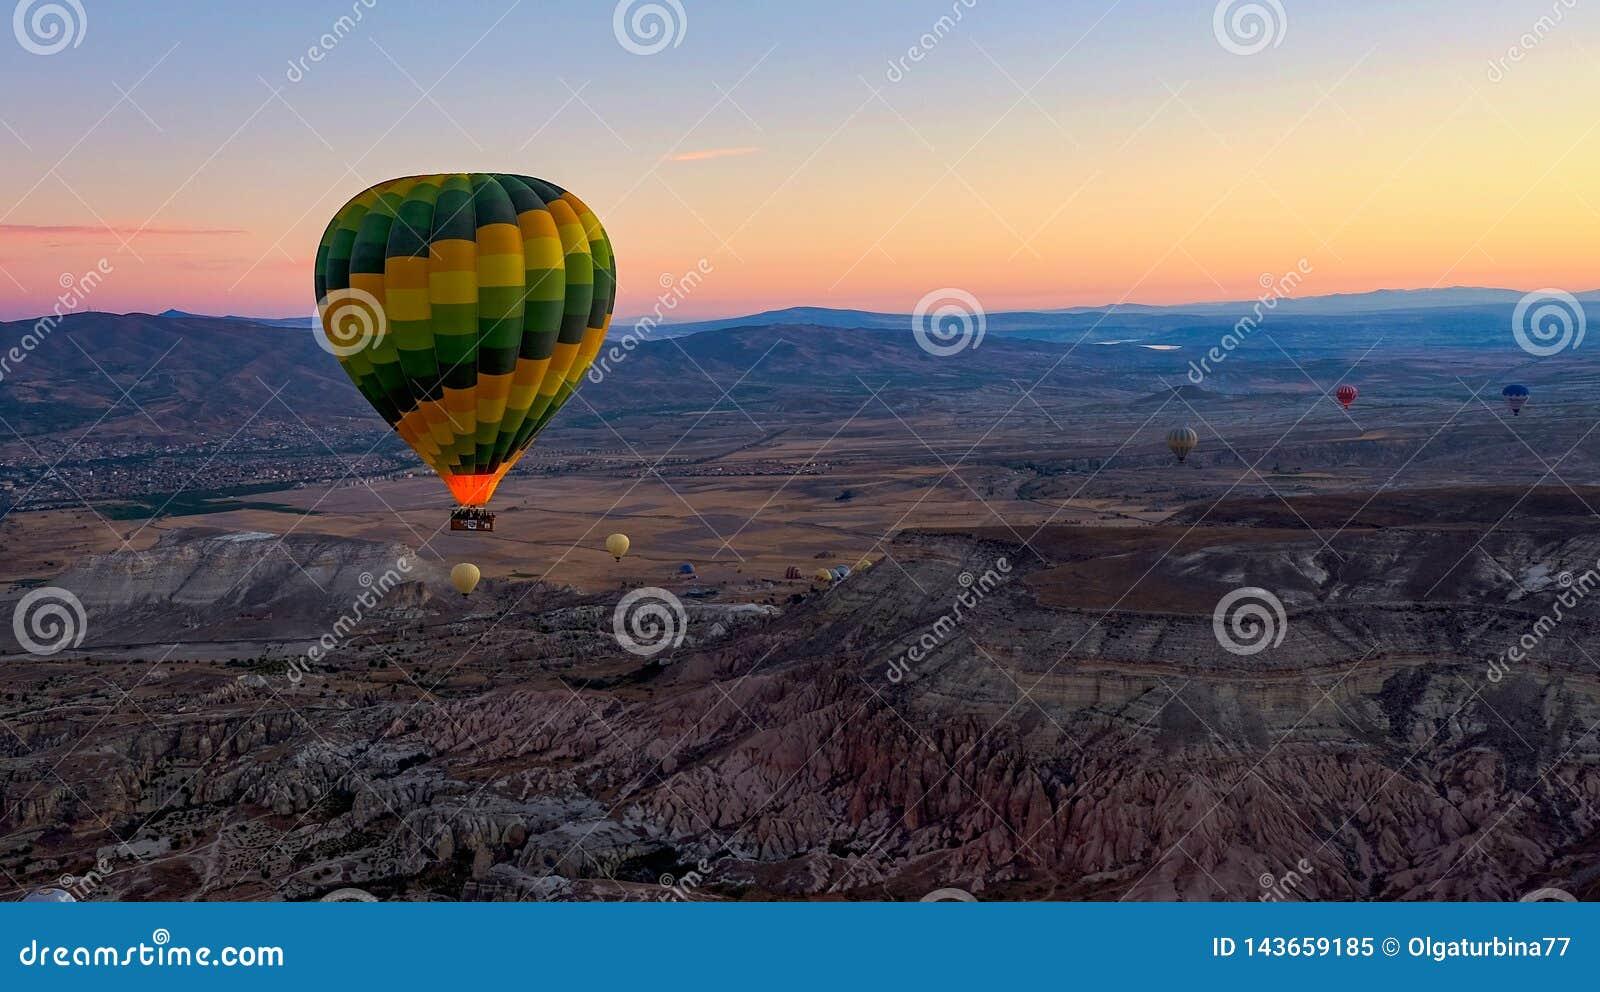 Ζωηρόχρωμα μπαλόνια ζεστού αέρα που πετούν στα ύψη πέρα από την κοιλάδα στην ανατολή Cappadocia, Τουρκία, φθινόπωρο